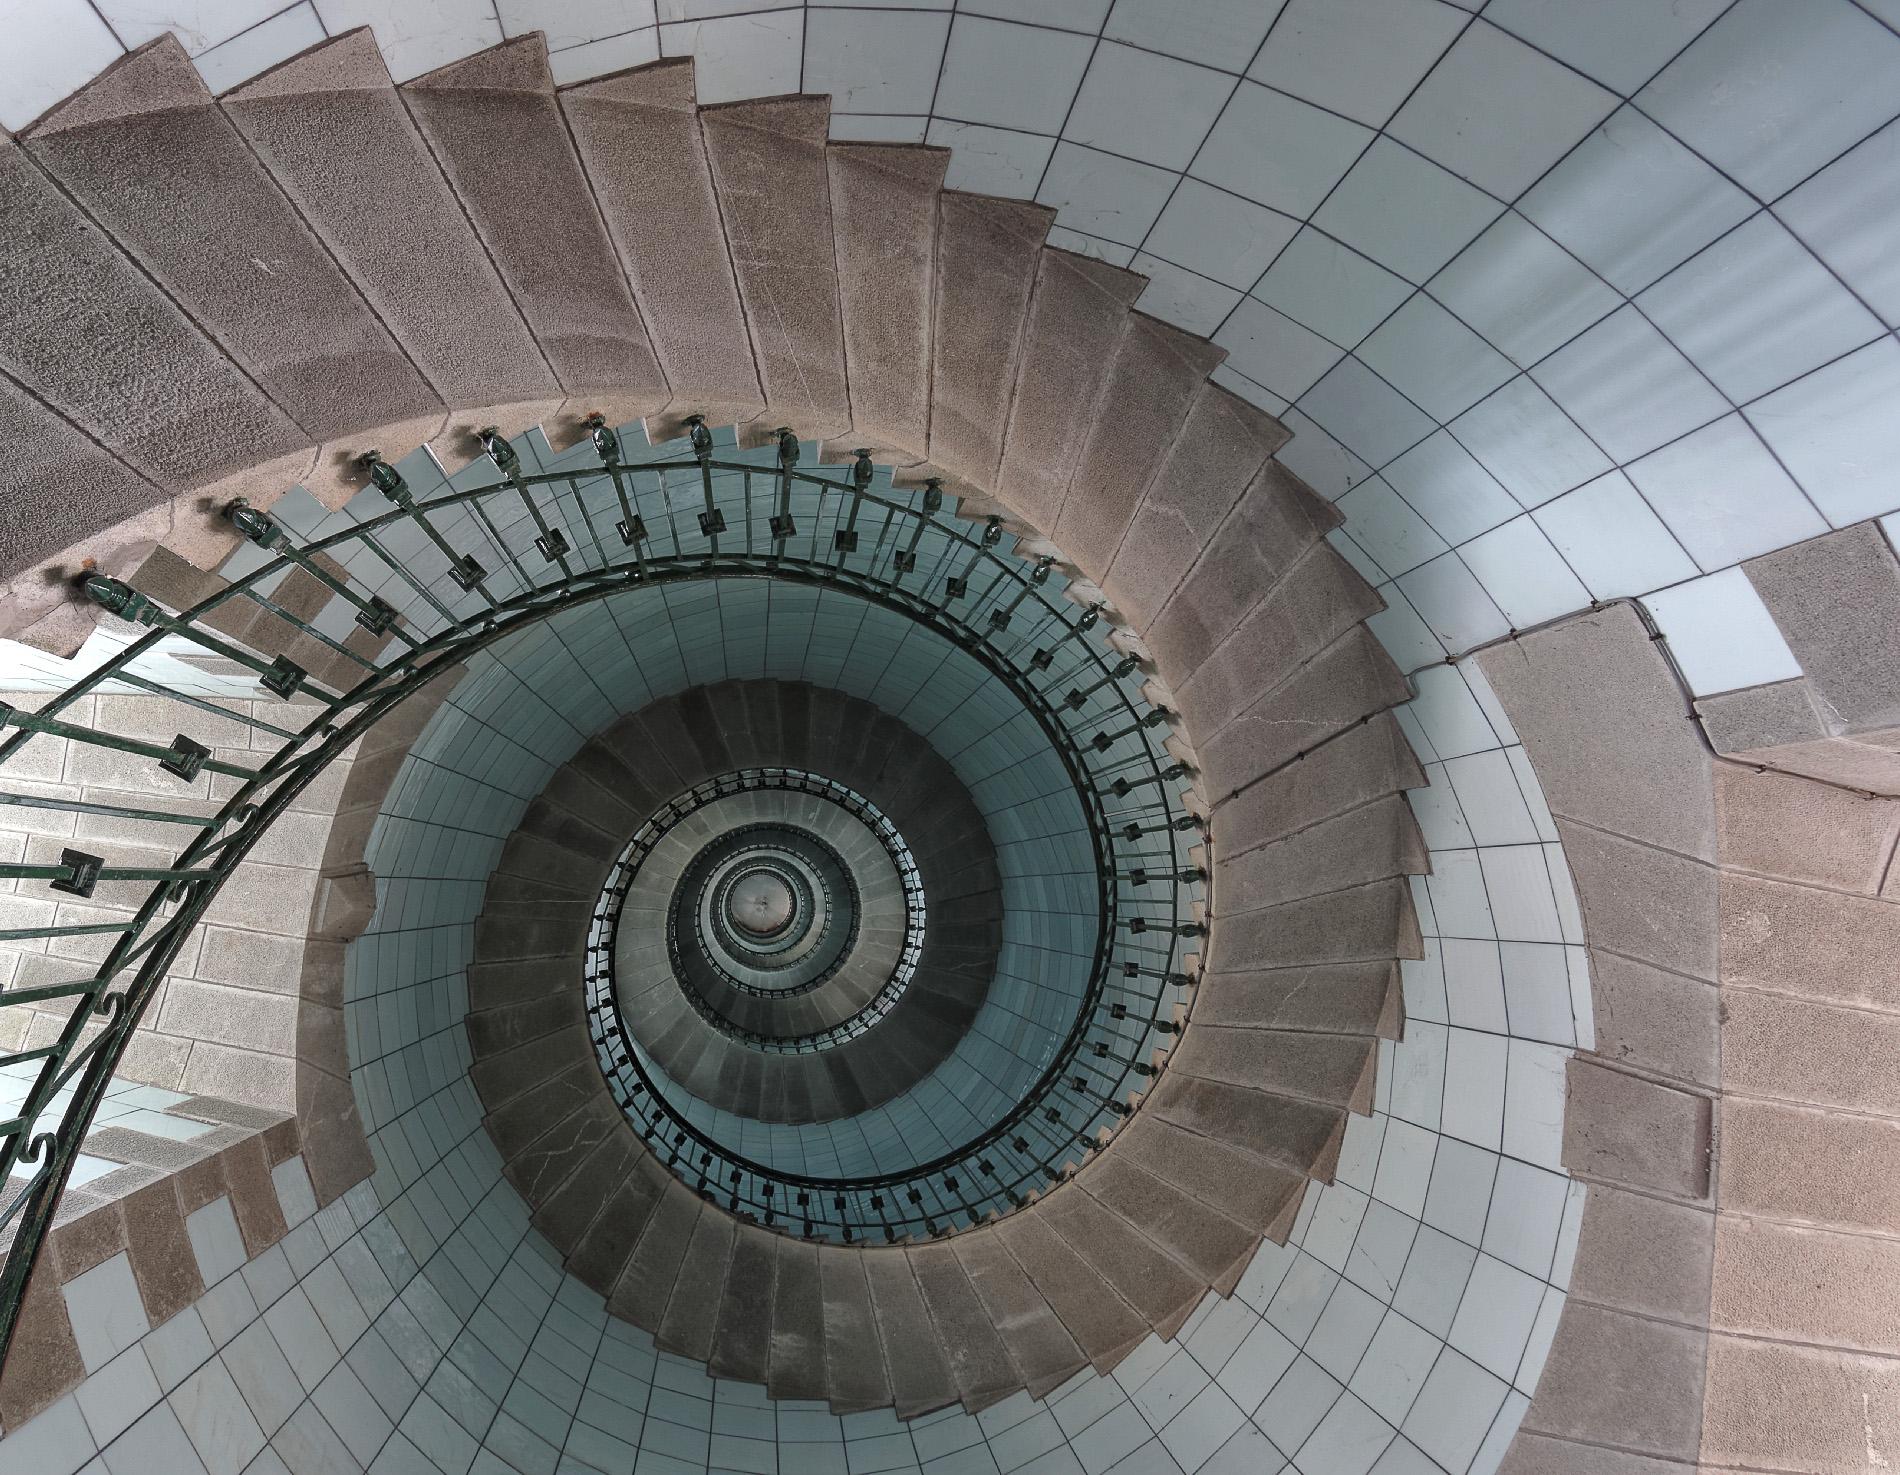 Lescalier du phare de lle Vierge  La Tribu dAnaximandre  des photos au fil des jours de